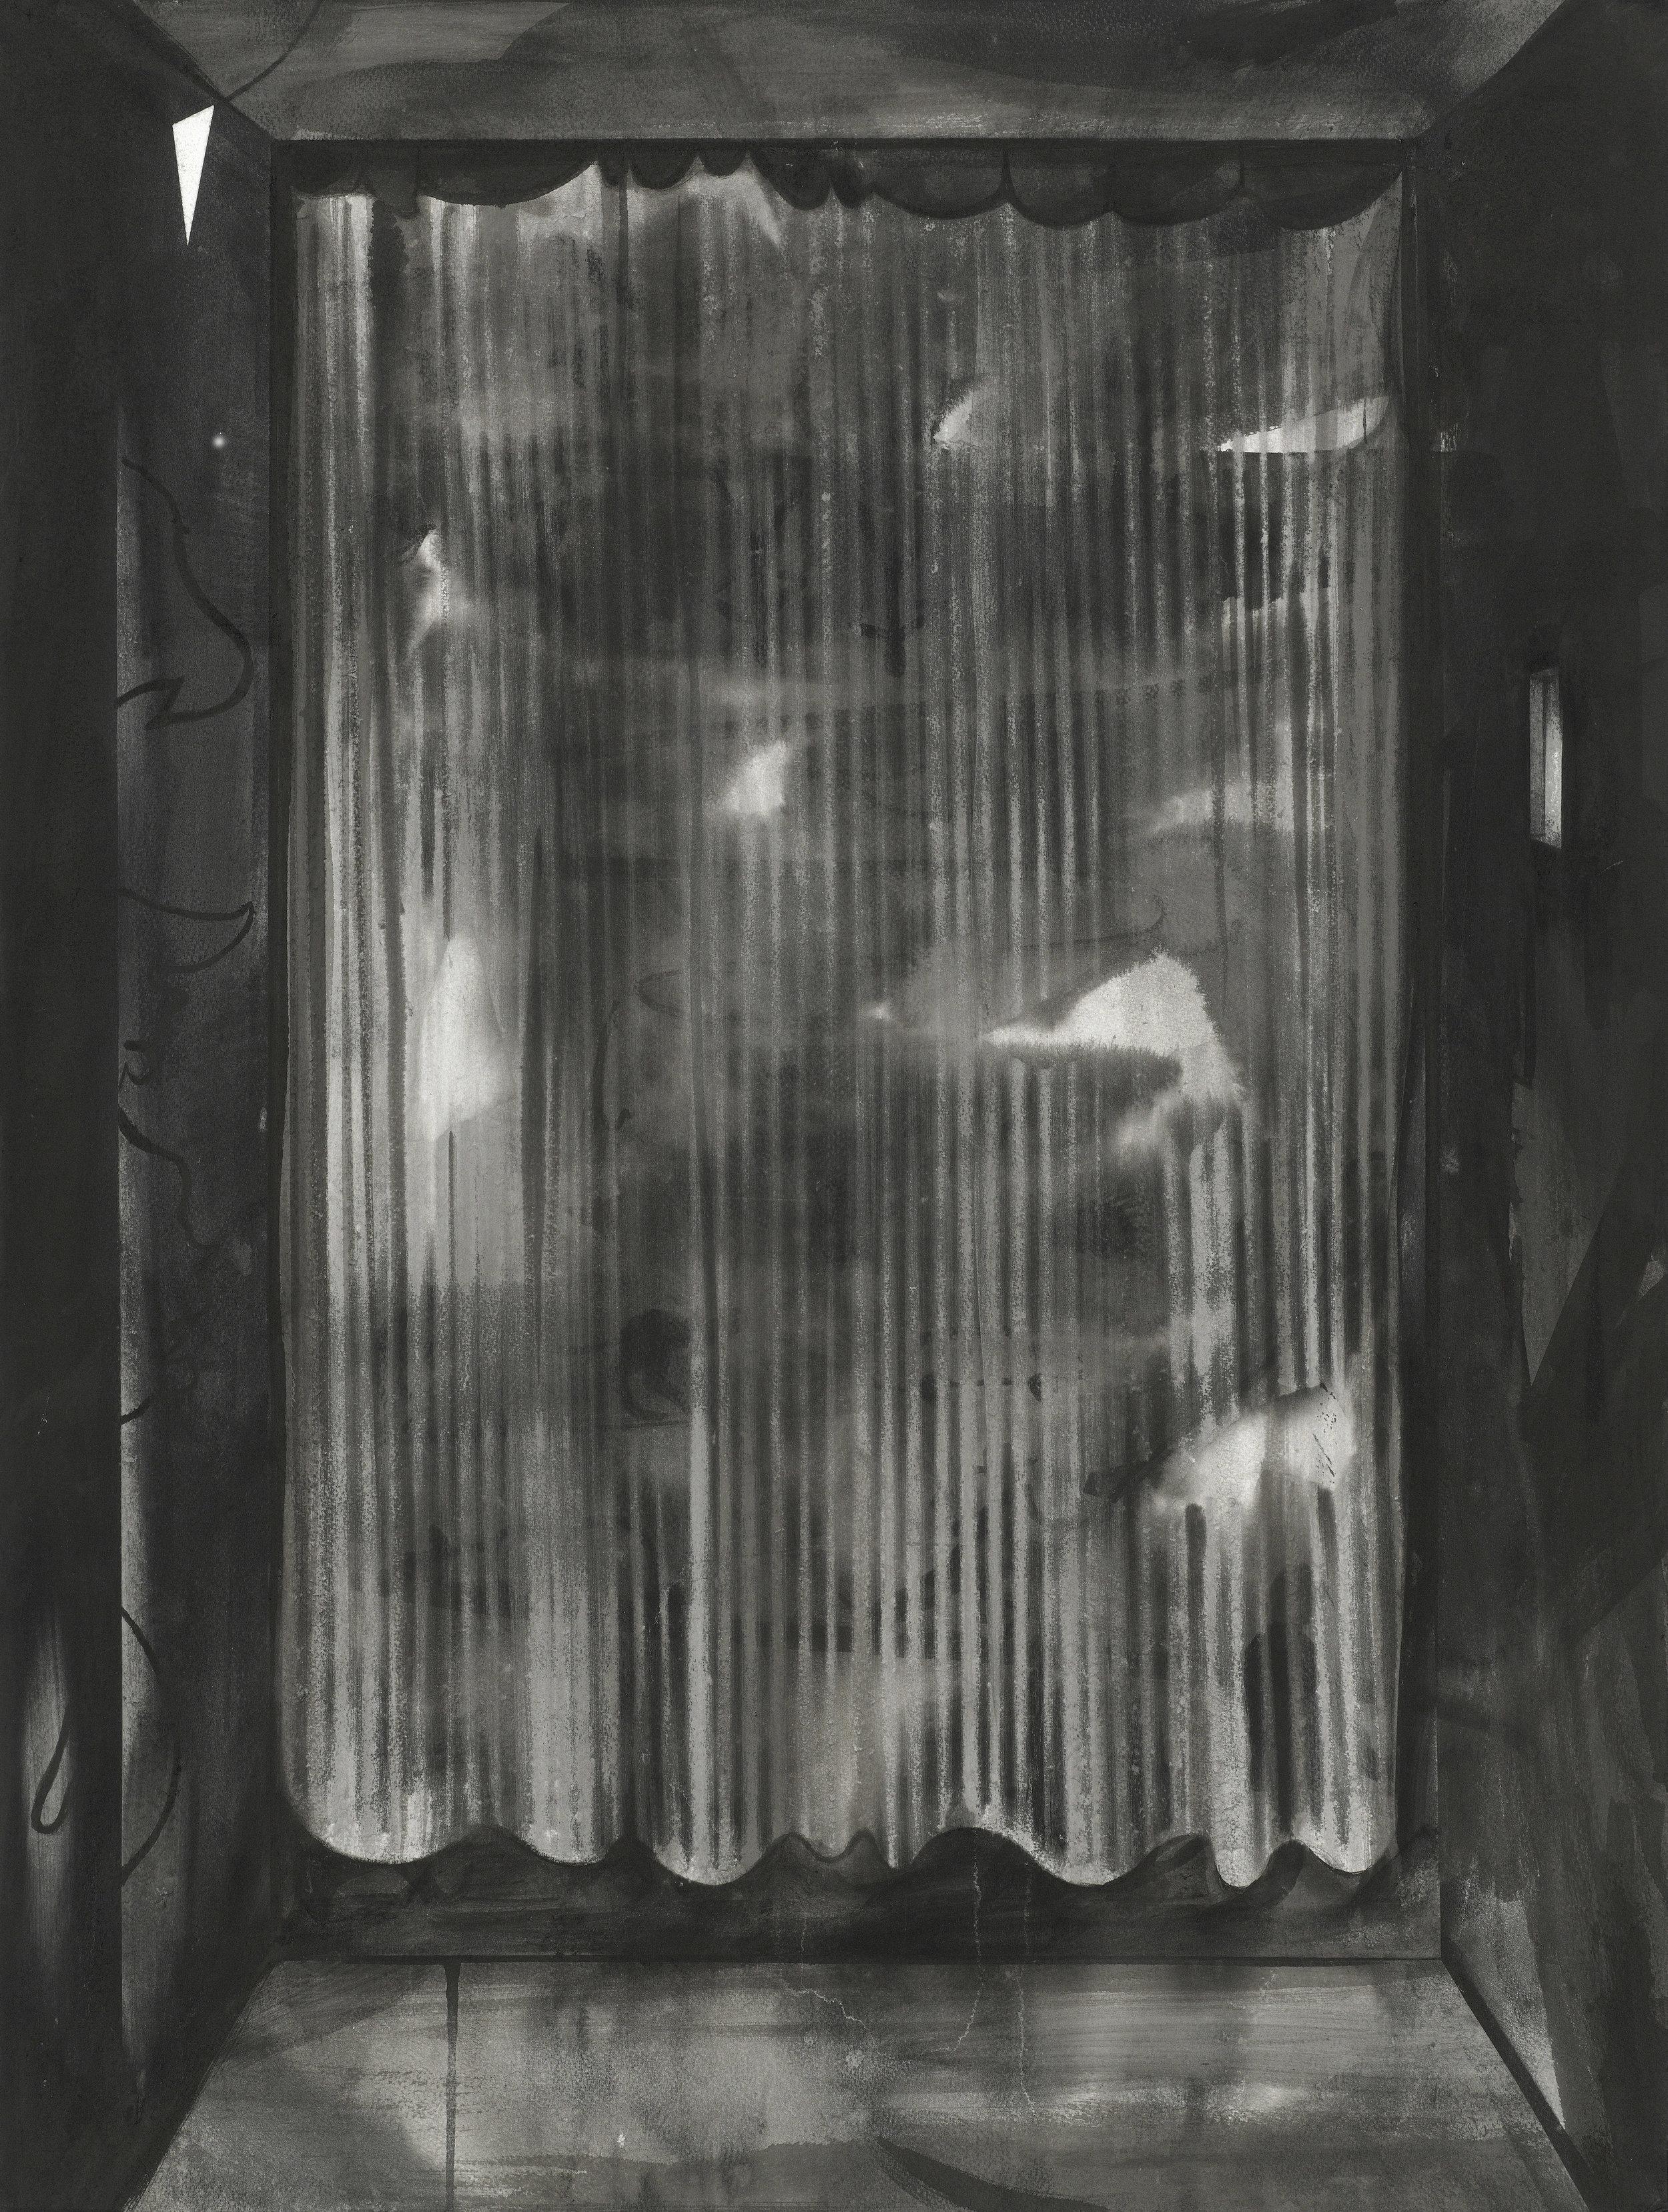 Der Vorhang, 2018, Tusche auf Papier, 85,5 x 64,5 cm.jpg